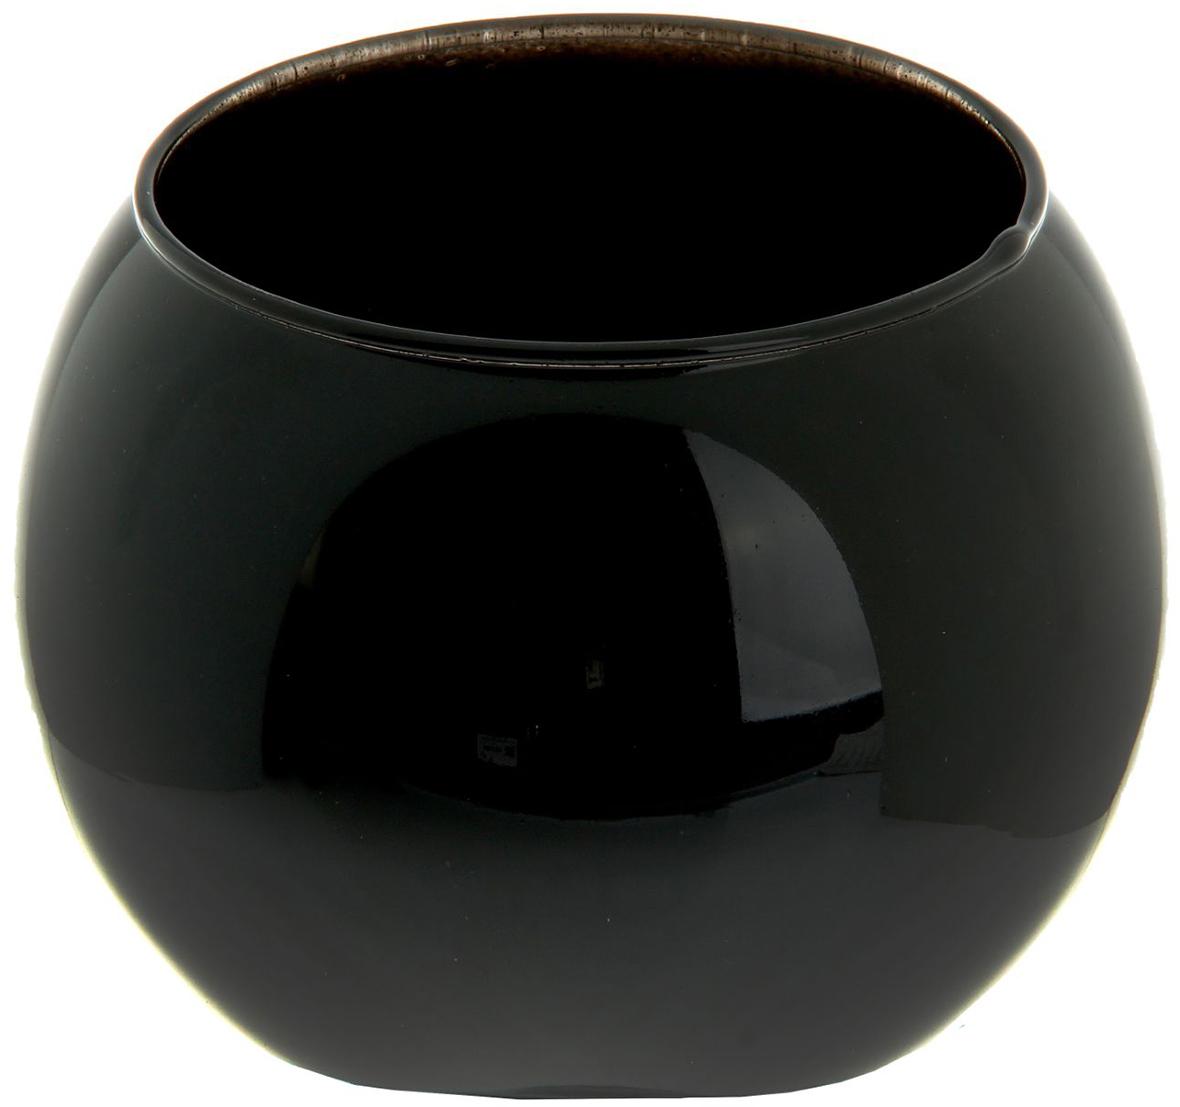 Ваза-шар Evis Пять вечеров, цвет: черный, 1 л ваза шар evis сиреневый мираж цвет сиреневый 3 л